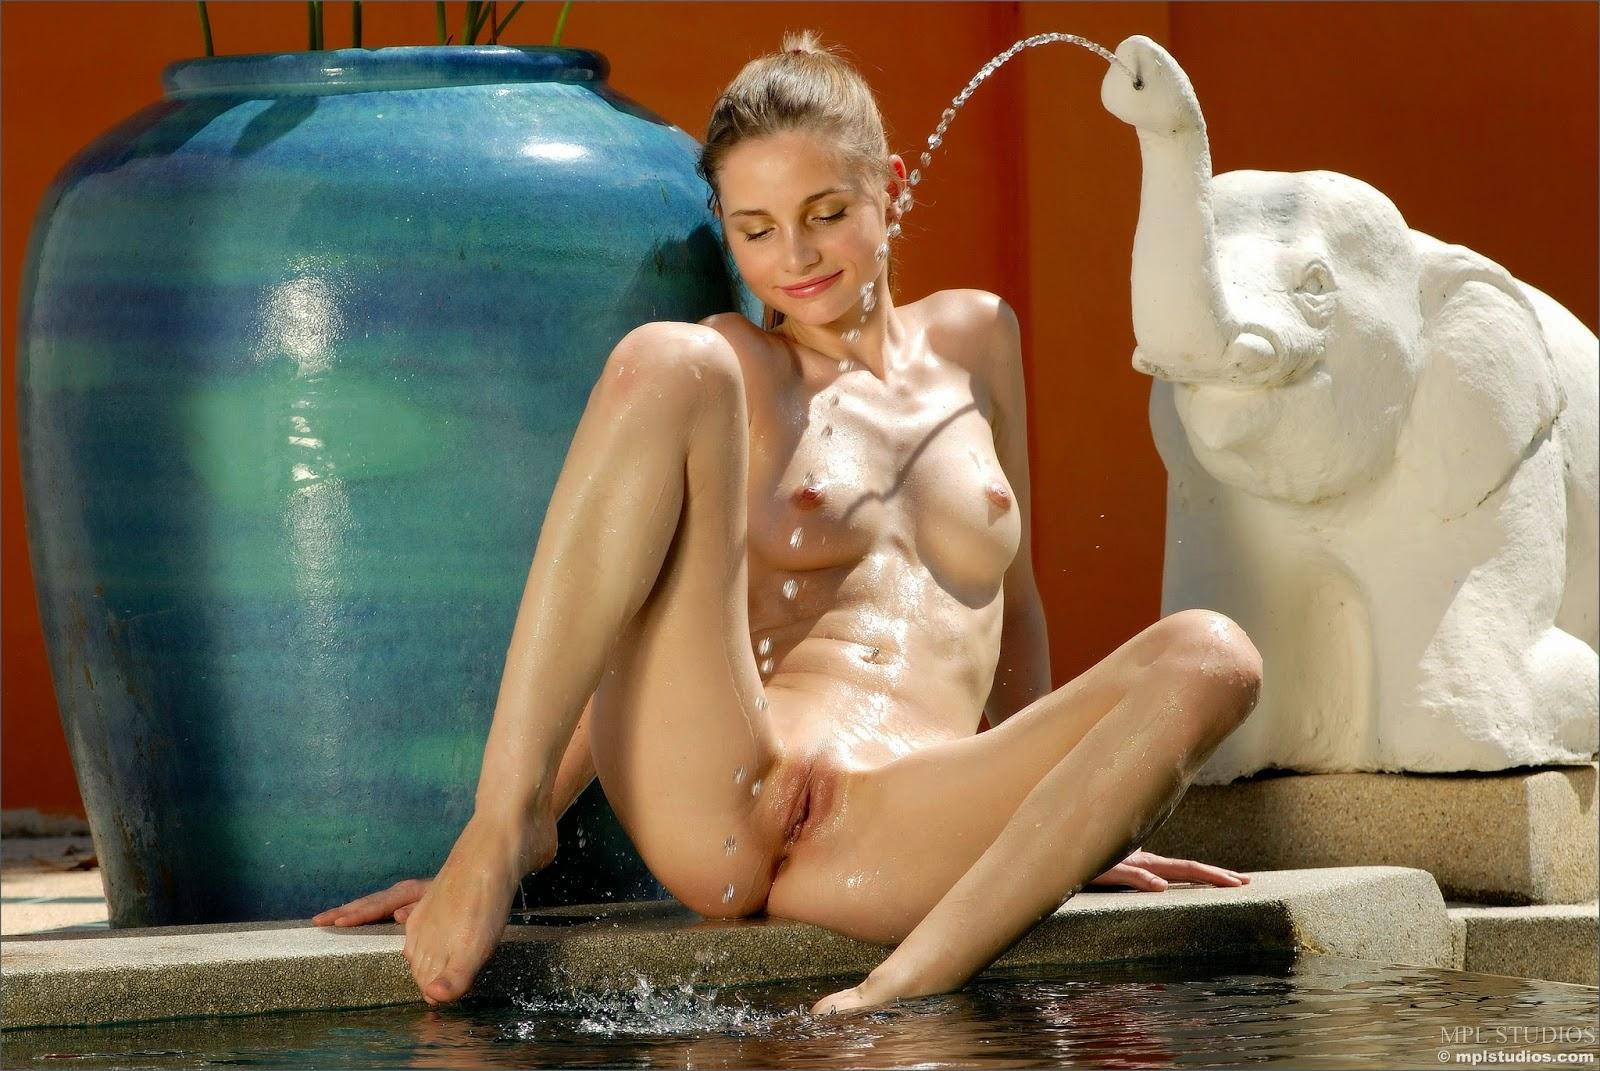 http://2.bp.blogspot.com/-2qLxX5U5WpQ/VUTPHBLYsdI/AAAAAAAAJ5g/qqL-OZ9UKdI/s1600/4508037.jpg